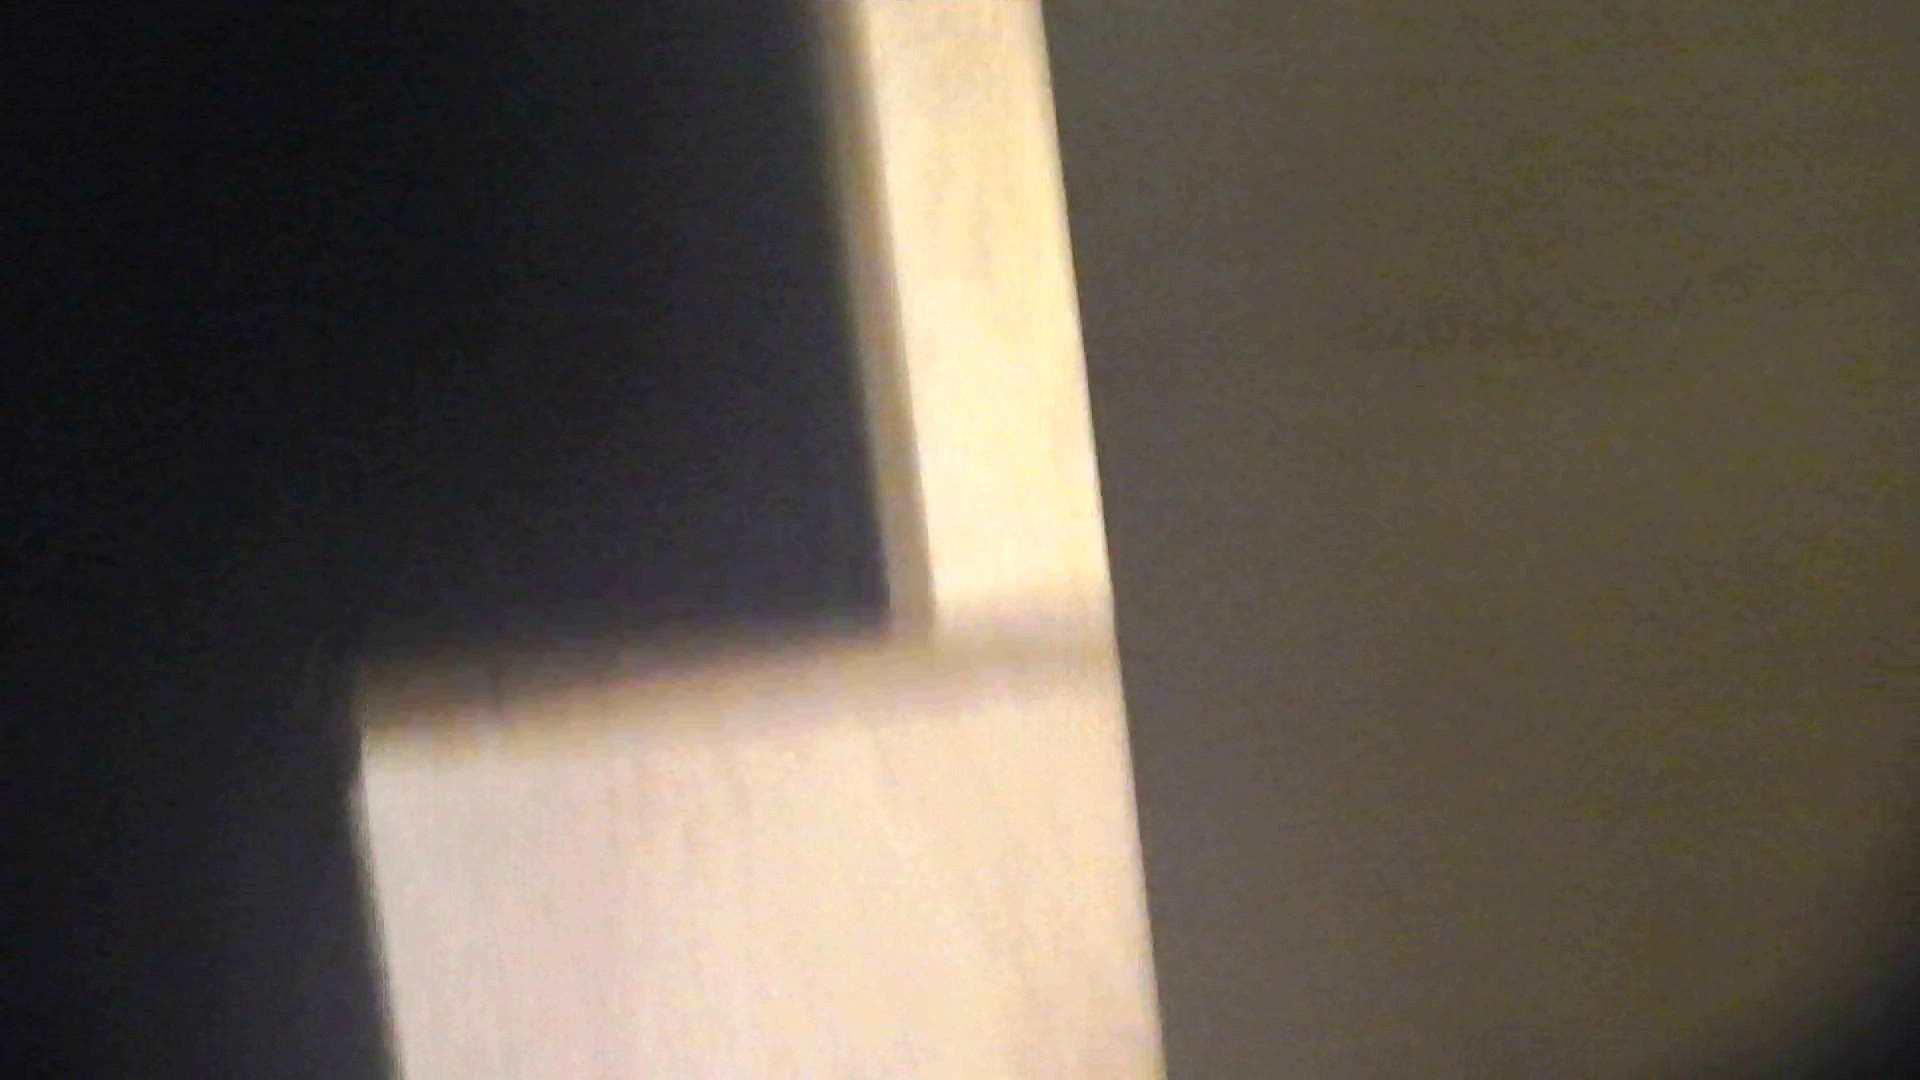 阿国ちゃんの「和式洋式七変化」No.14 和式で・・・ おまんこ動画流出 57画像 17